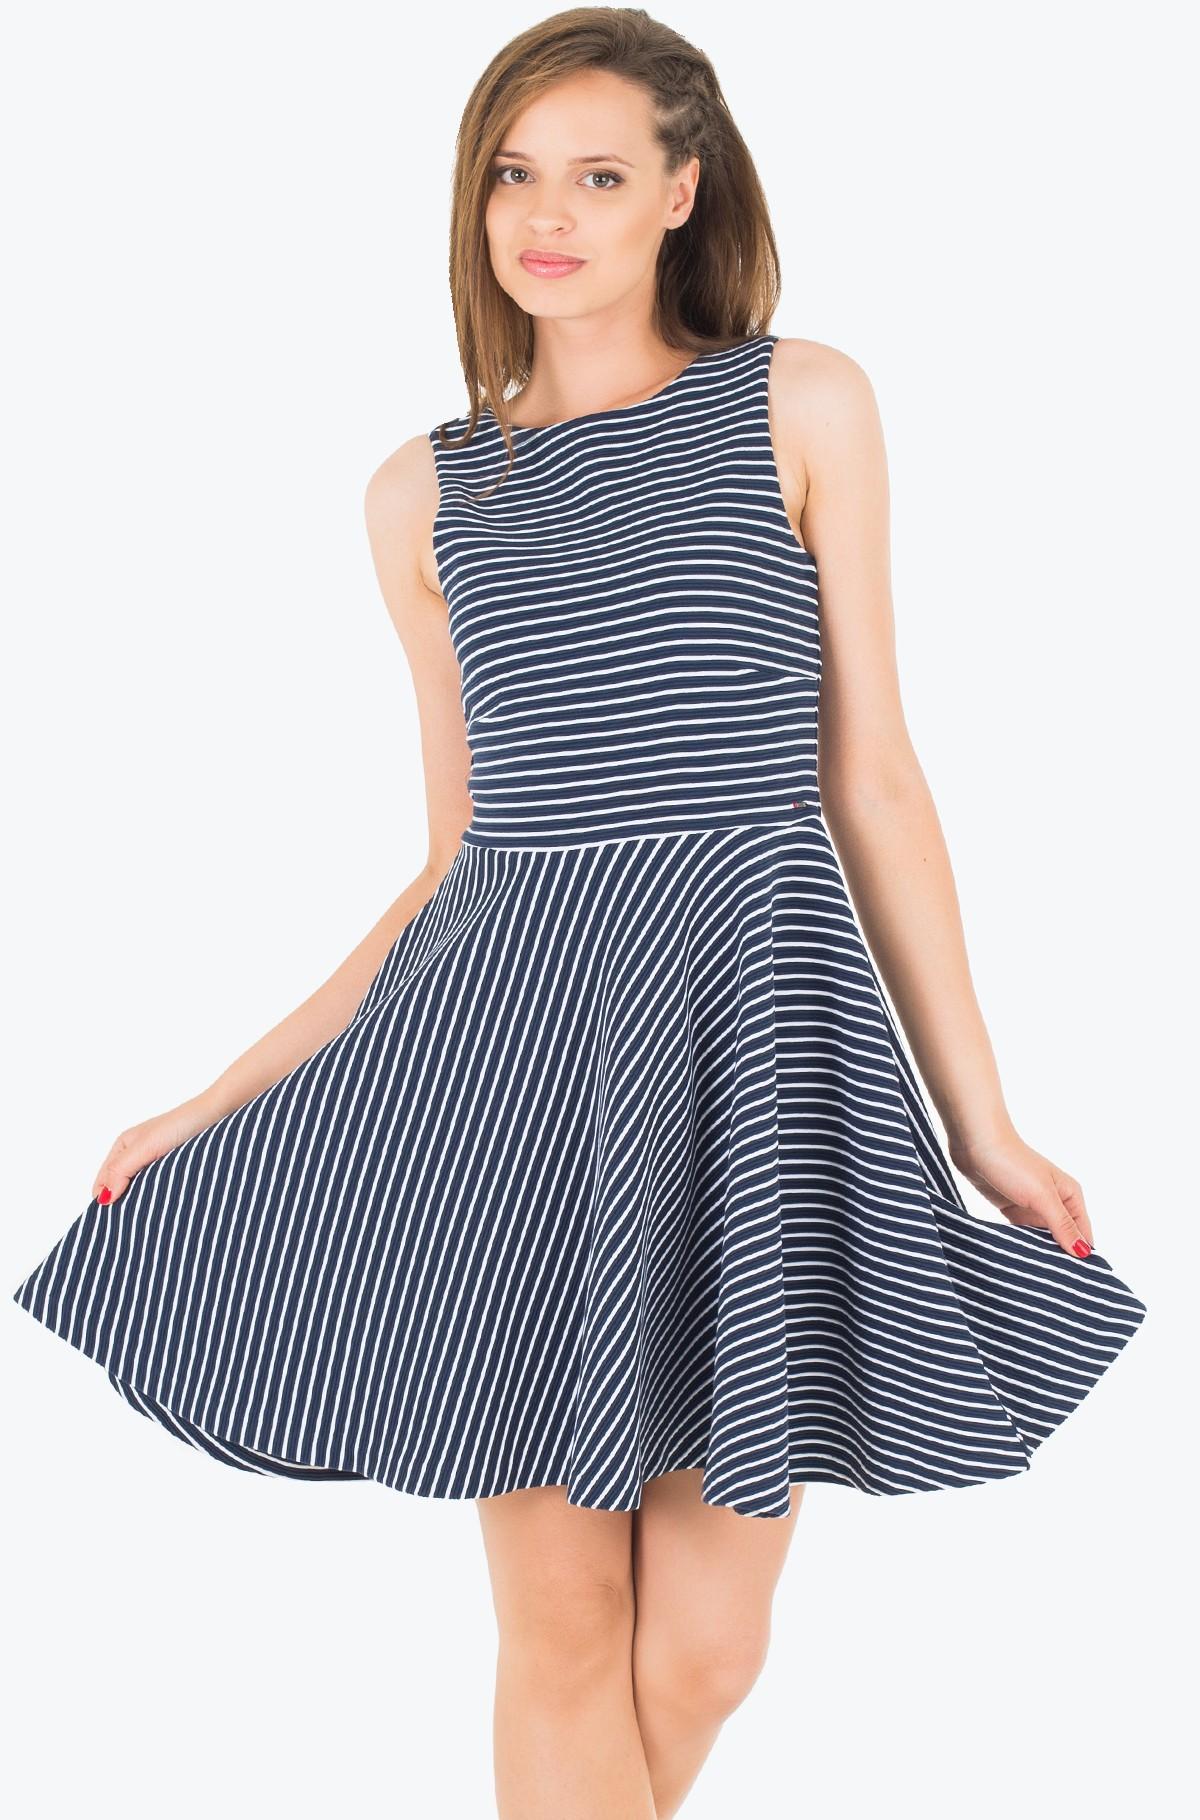 Kleit Thdw Dress-full-1